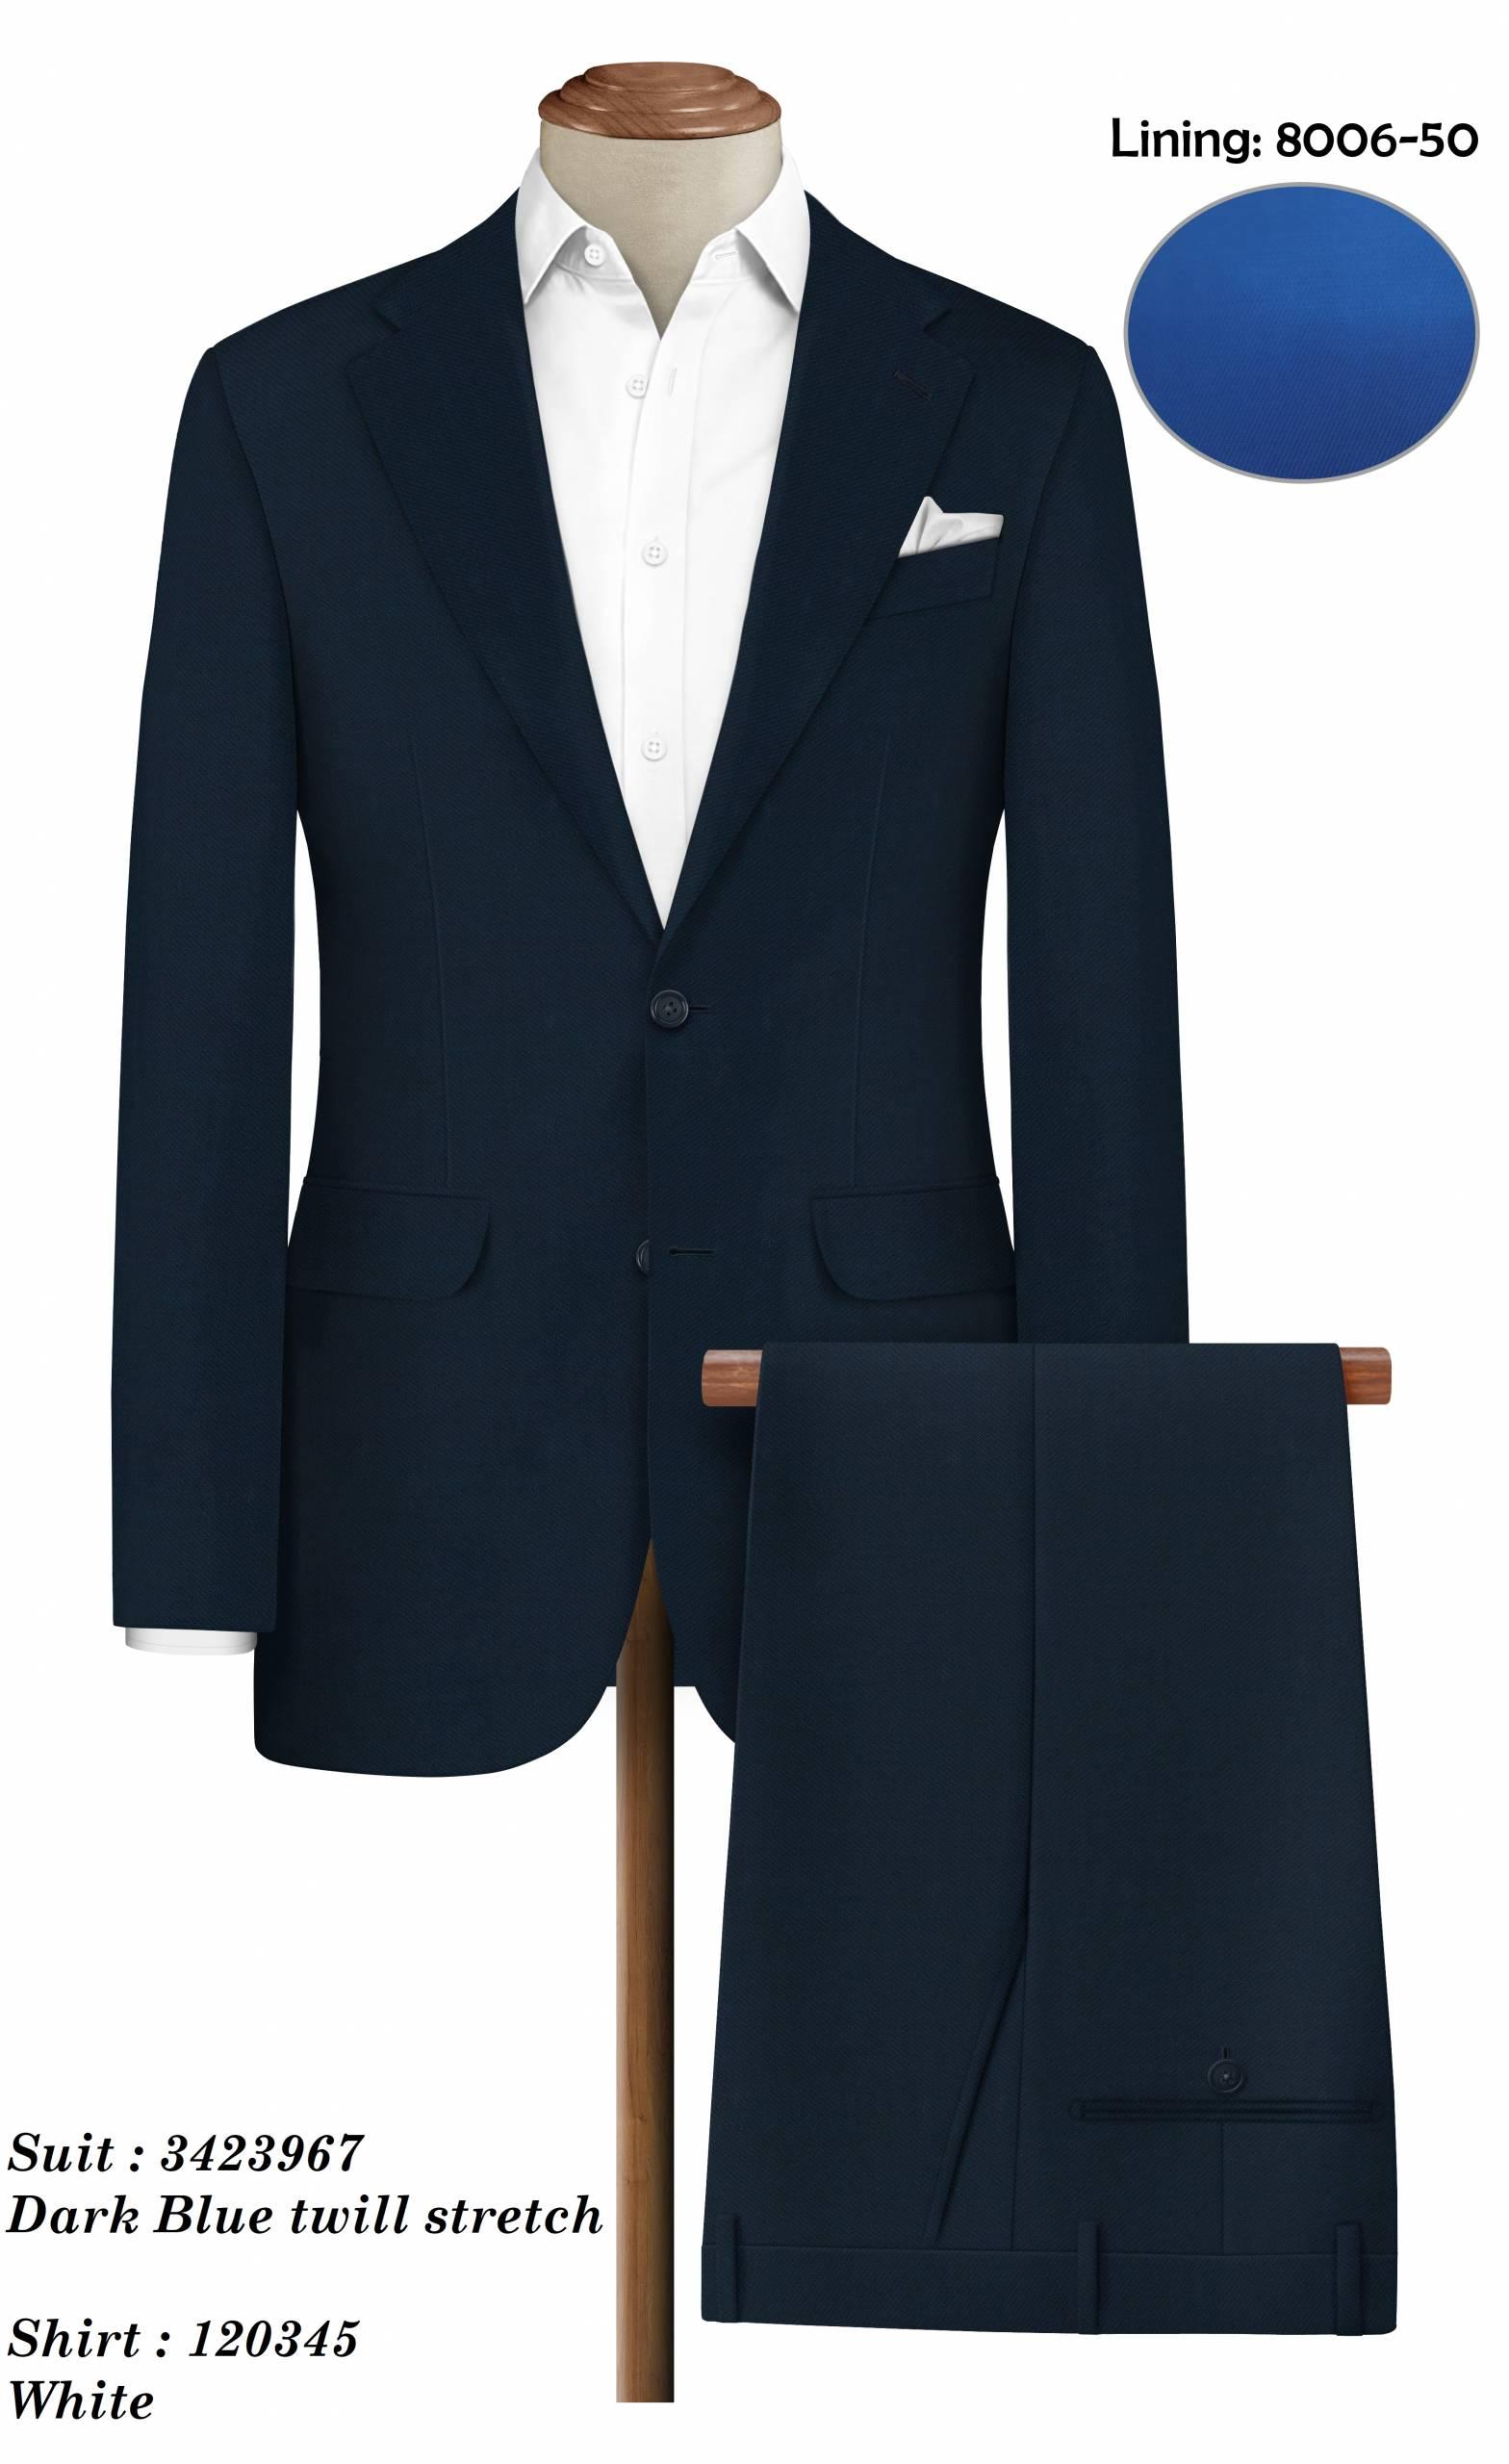 (109) 3423967_suit